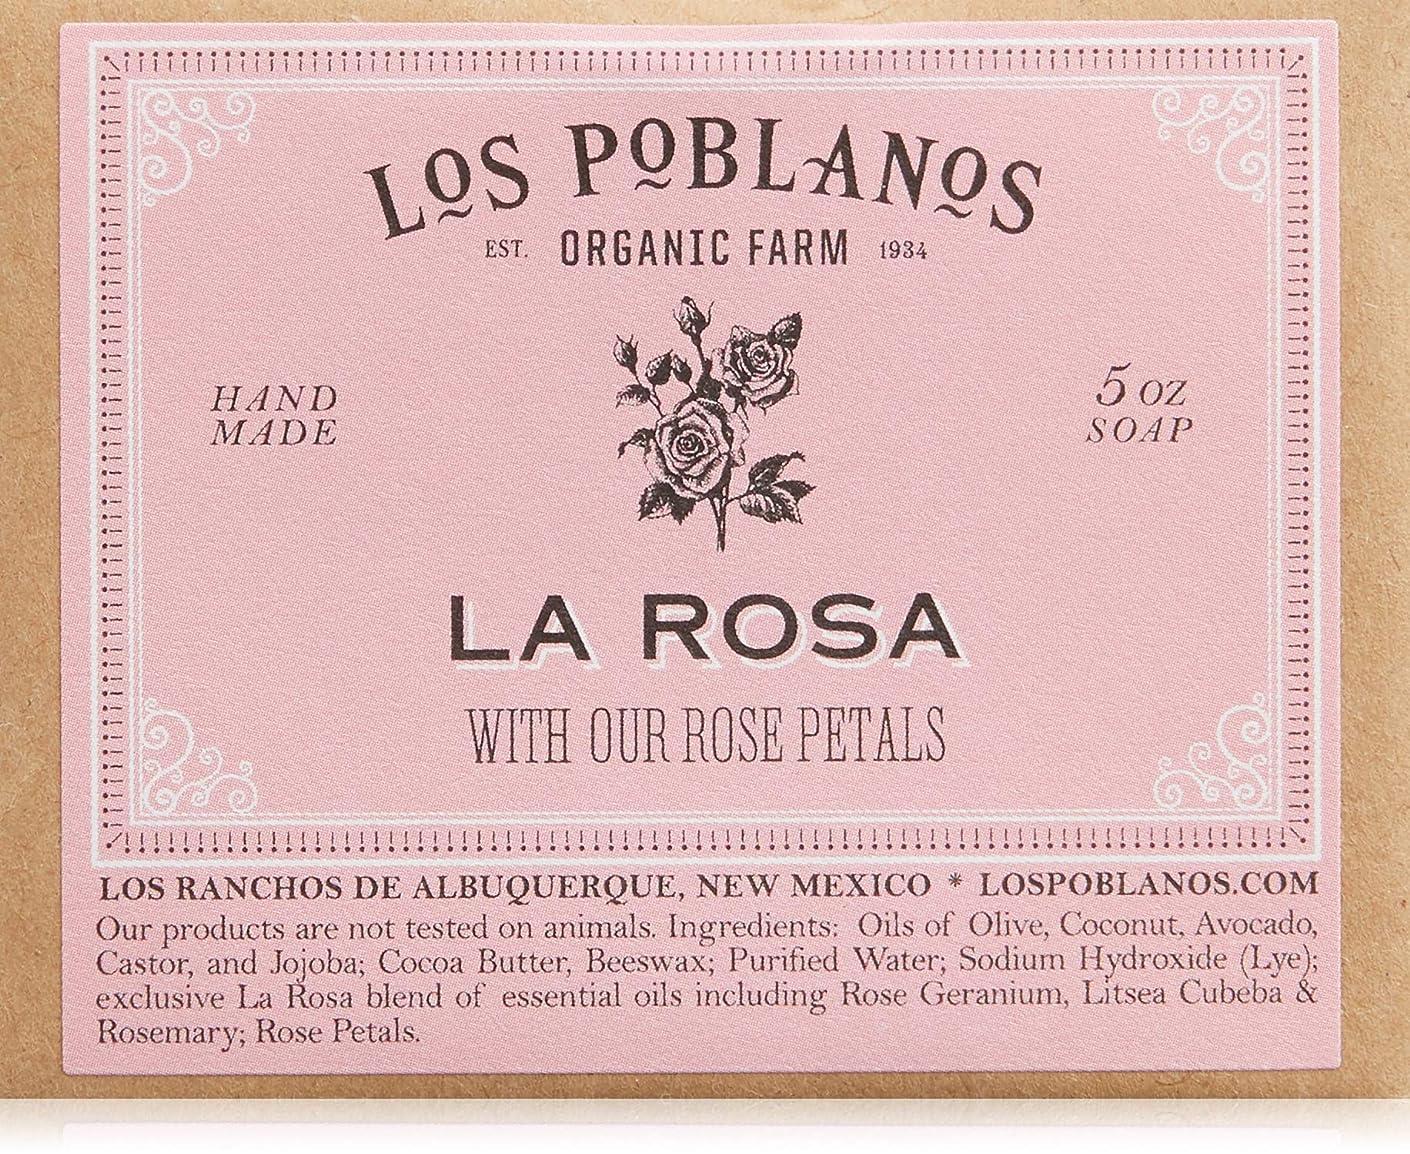 とんでもない混乱したうまLOS POBLANOS(ロス ポブラノス) ラ ロッサ 130g